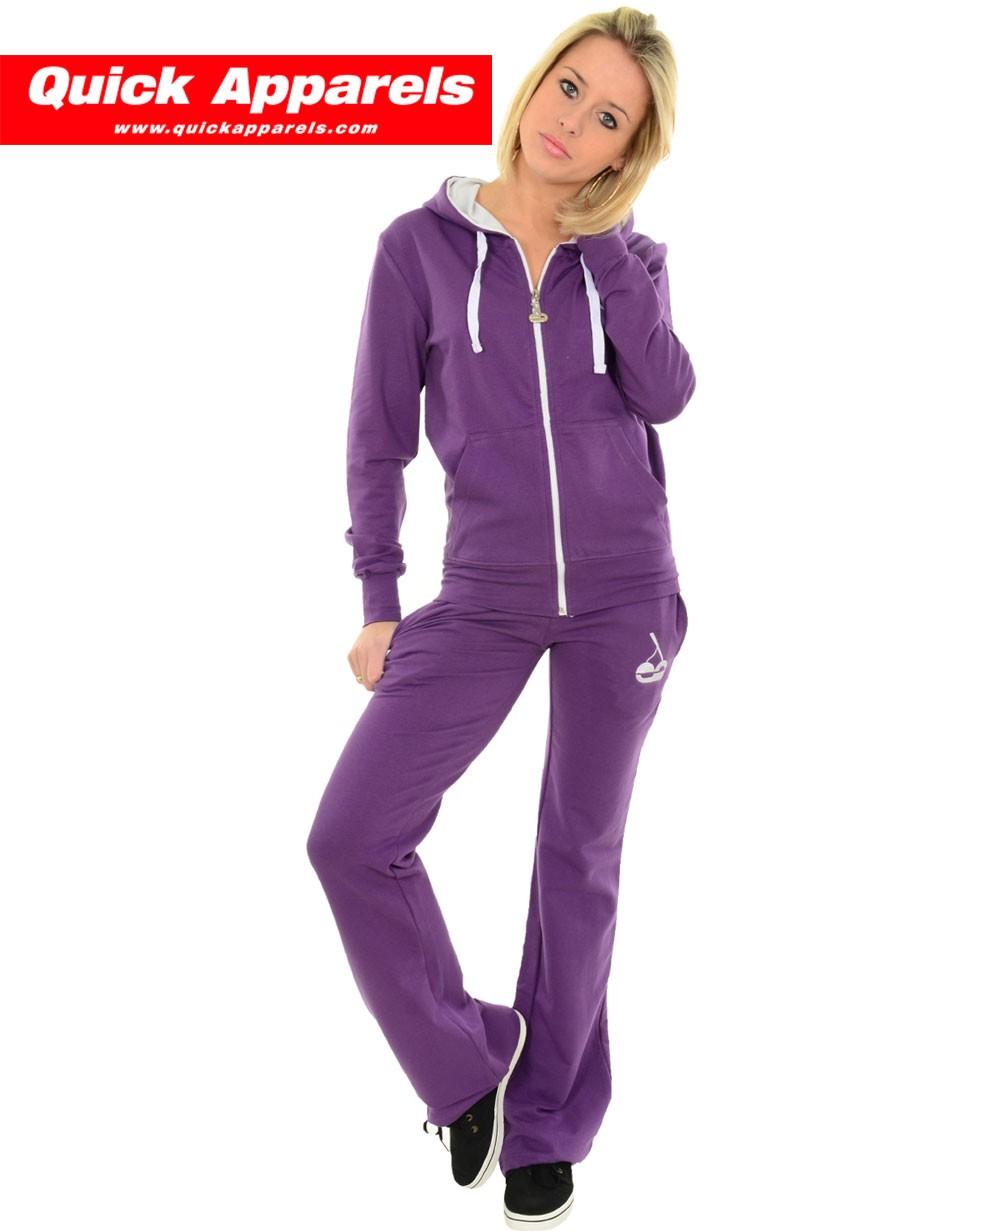 Hood Babes Jogging Suit purple white 327c3256efa0